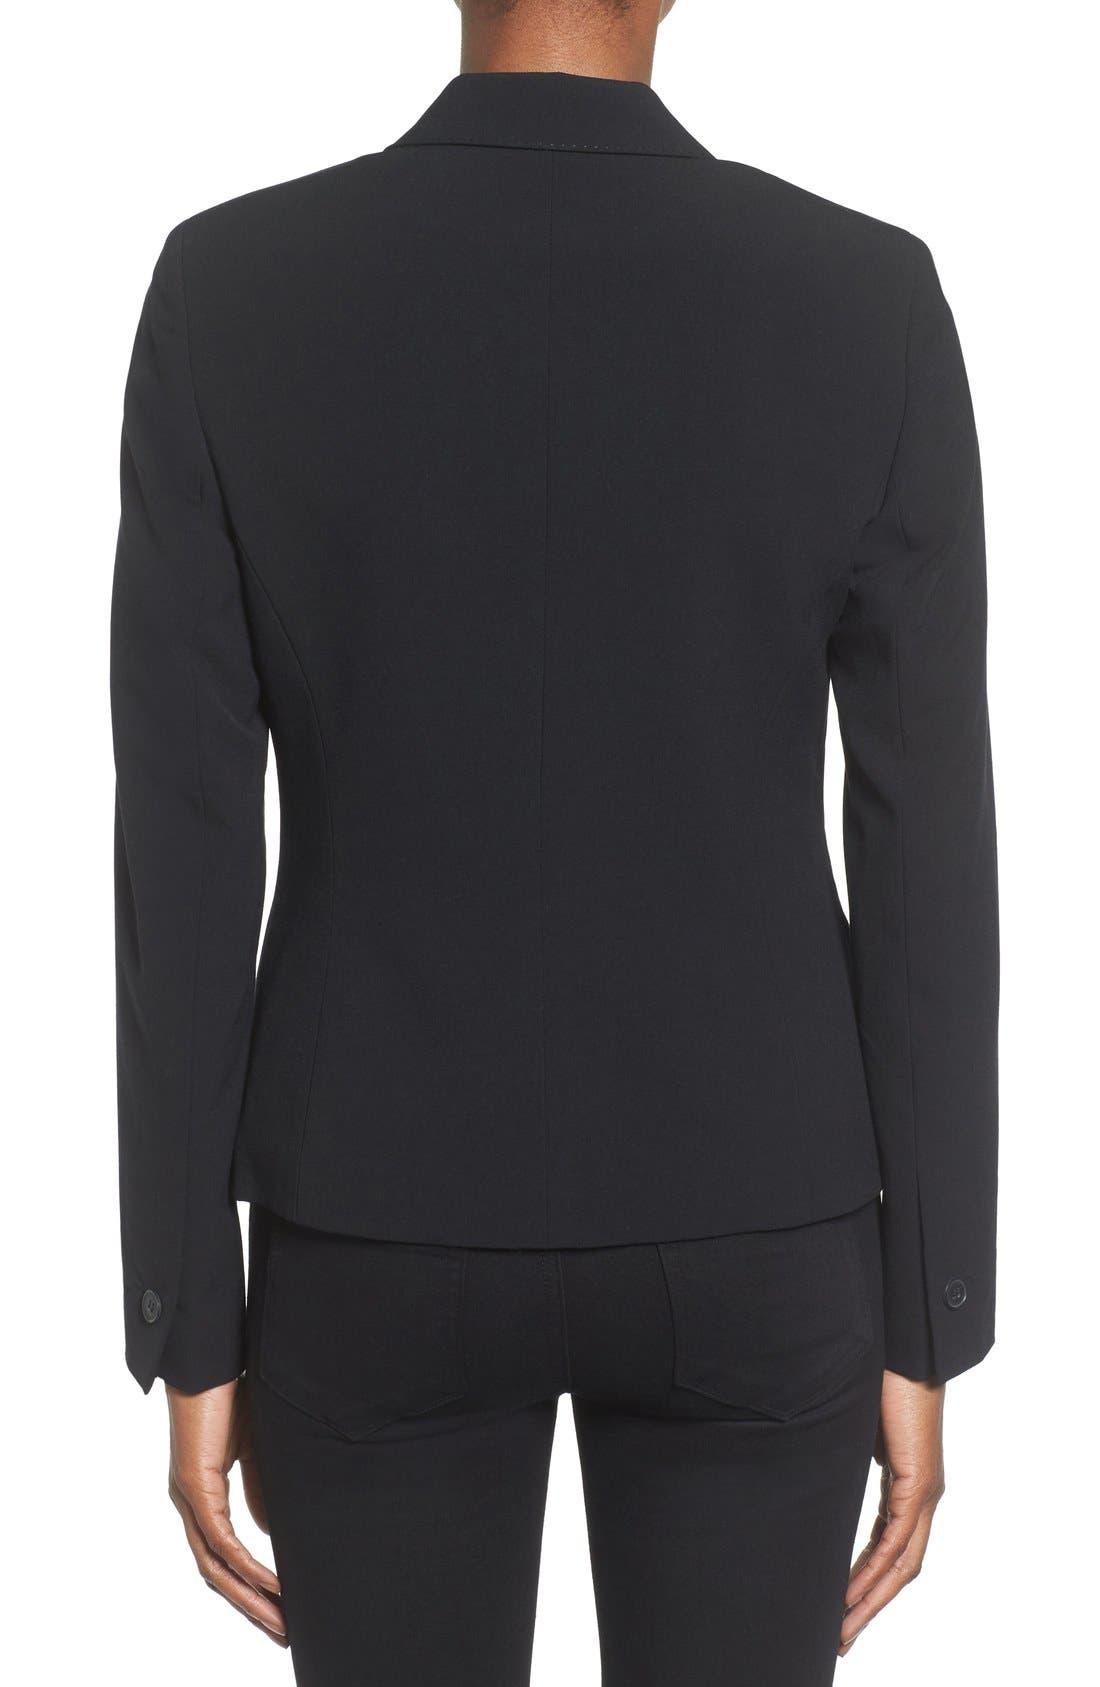 ANNE KLEIN, One-Button Suit Jacket, Alternate thumbnail 2, color, 001